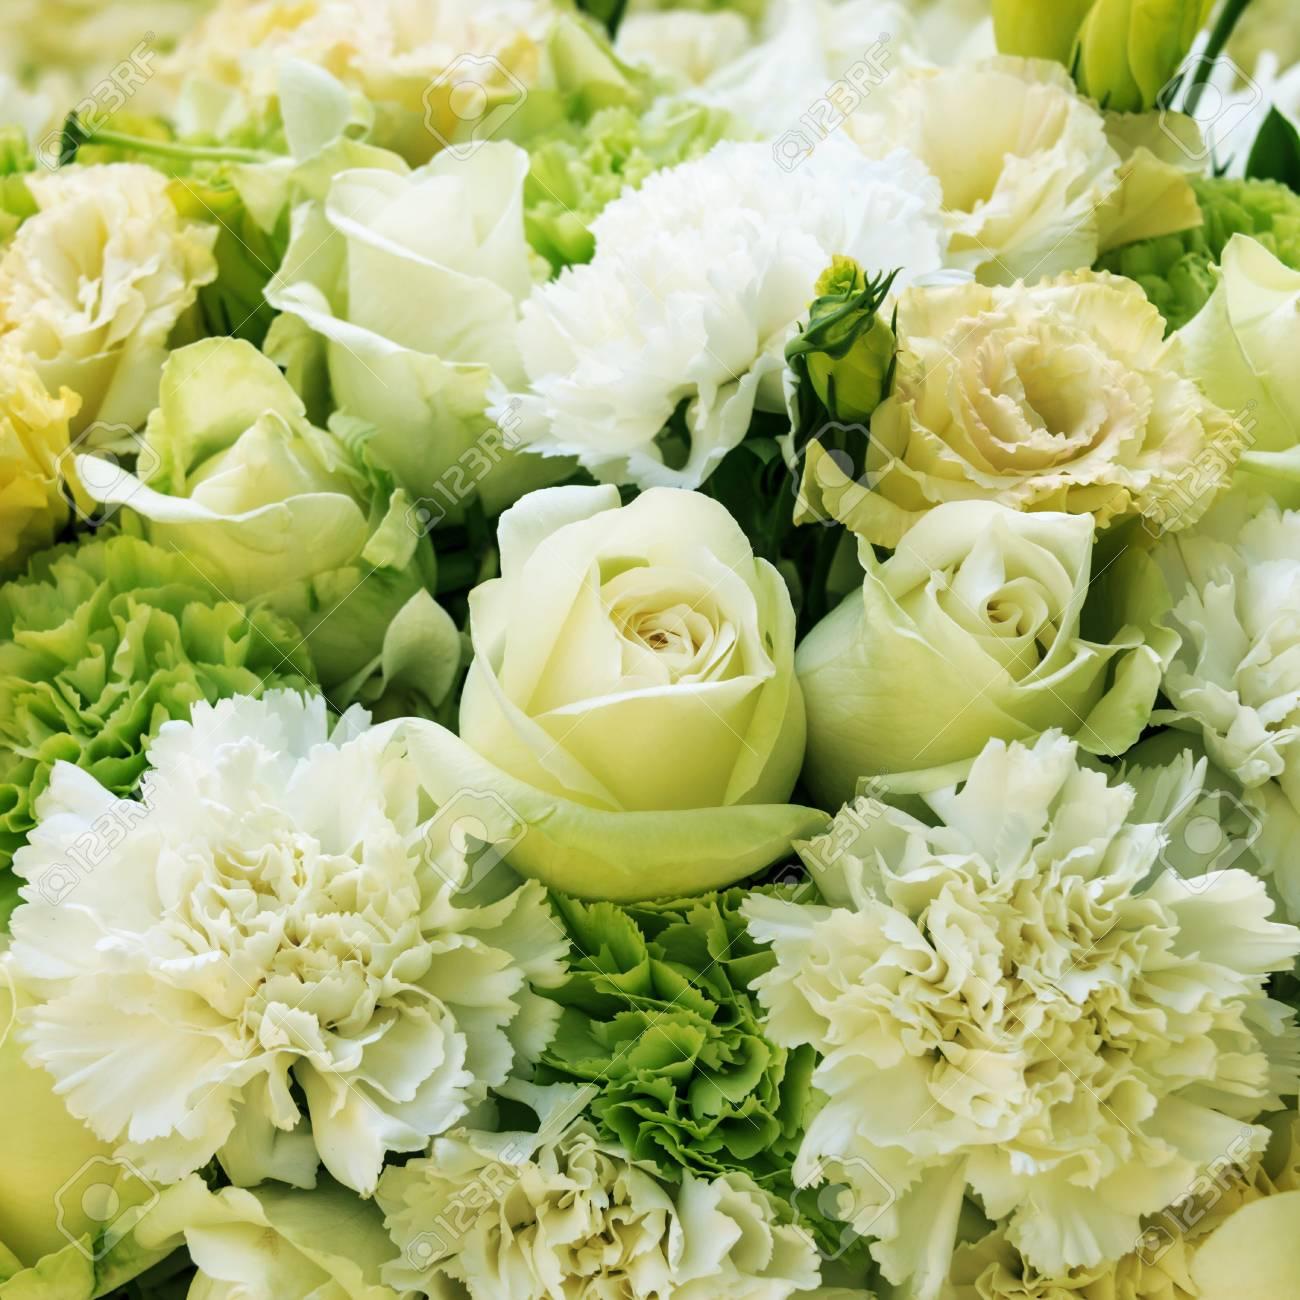 Hochzeitsstrauss Mit Rosen Und Nelken Hintergrund Lizenzfreie Fotos